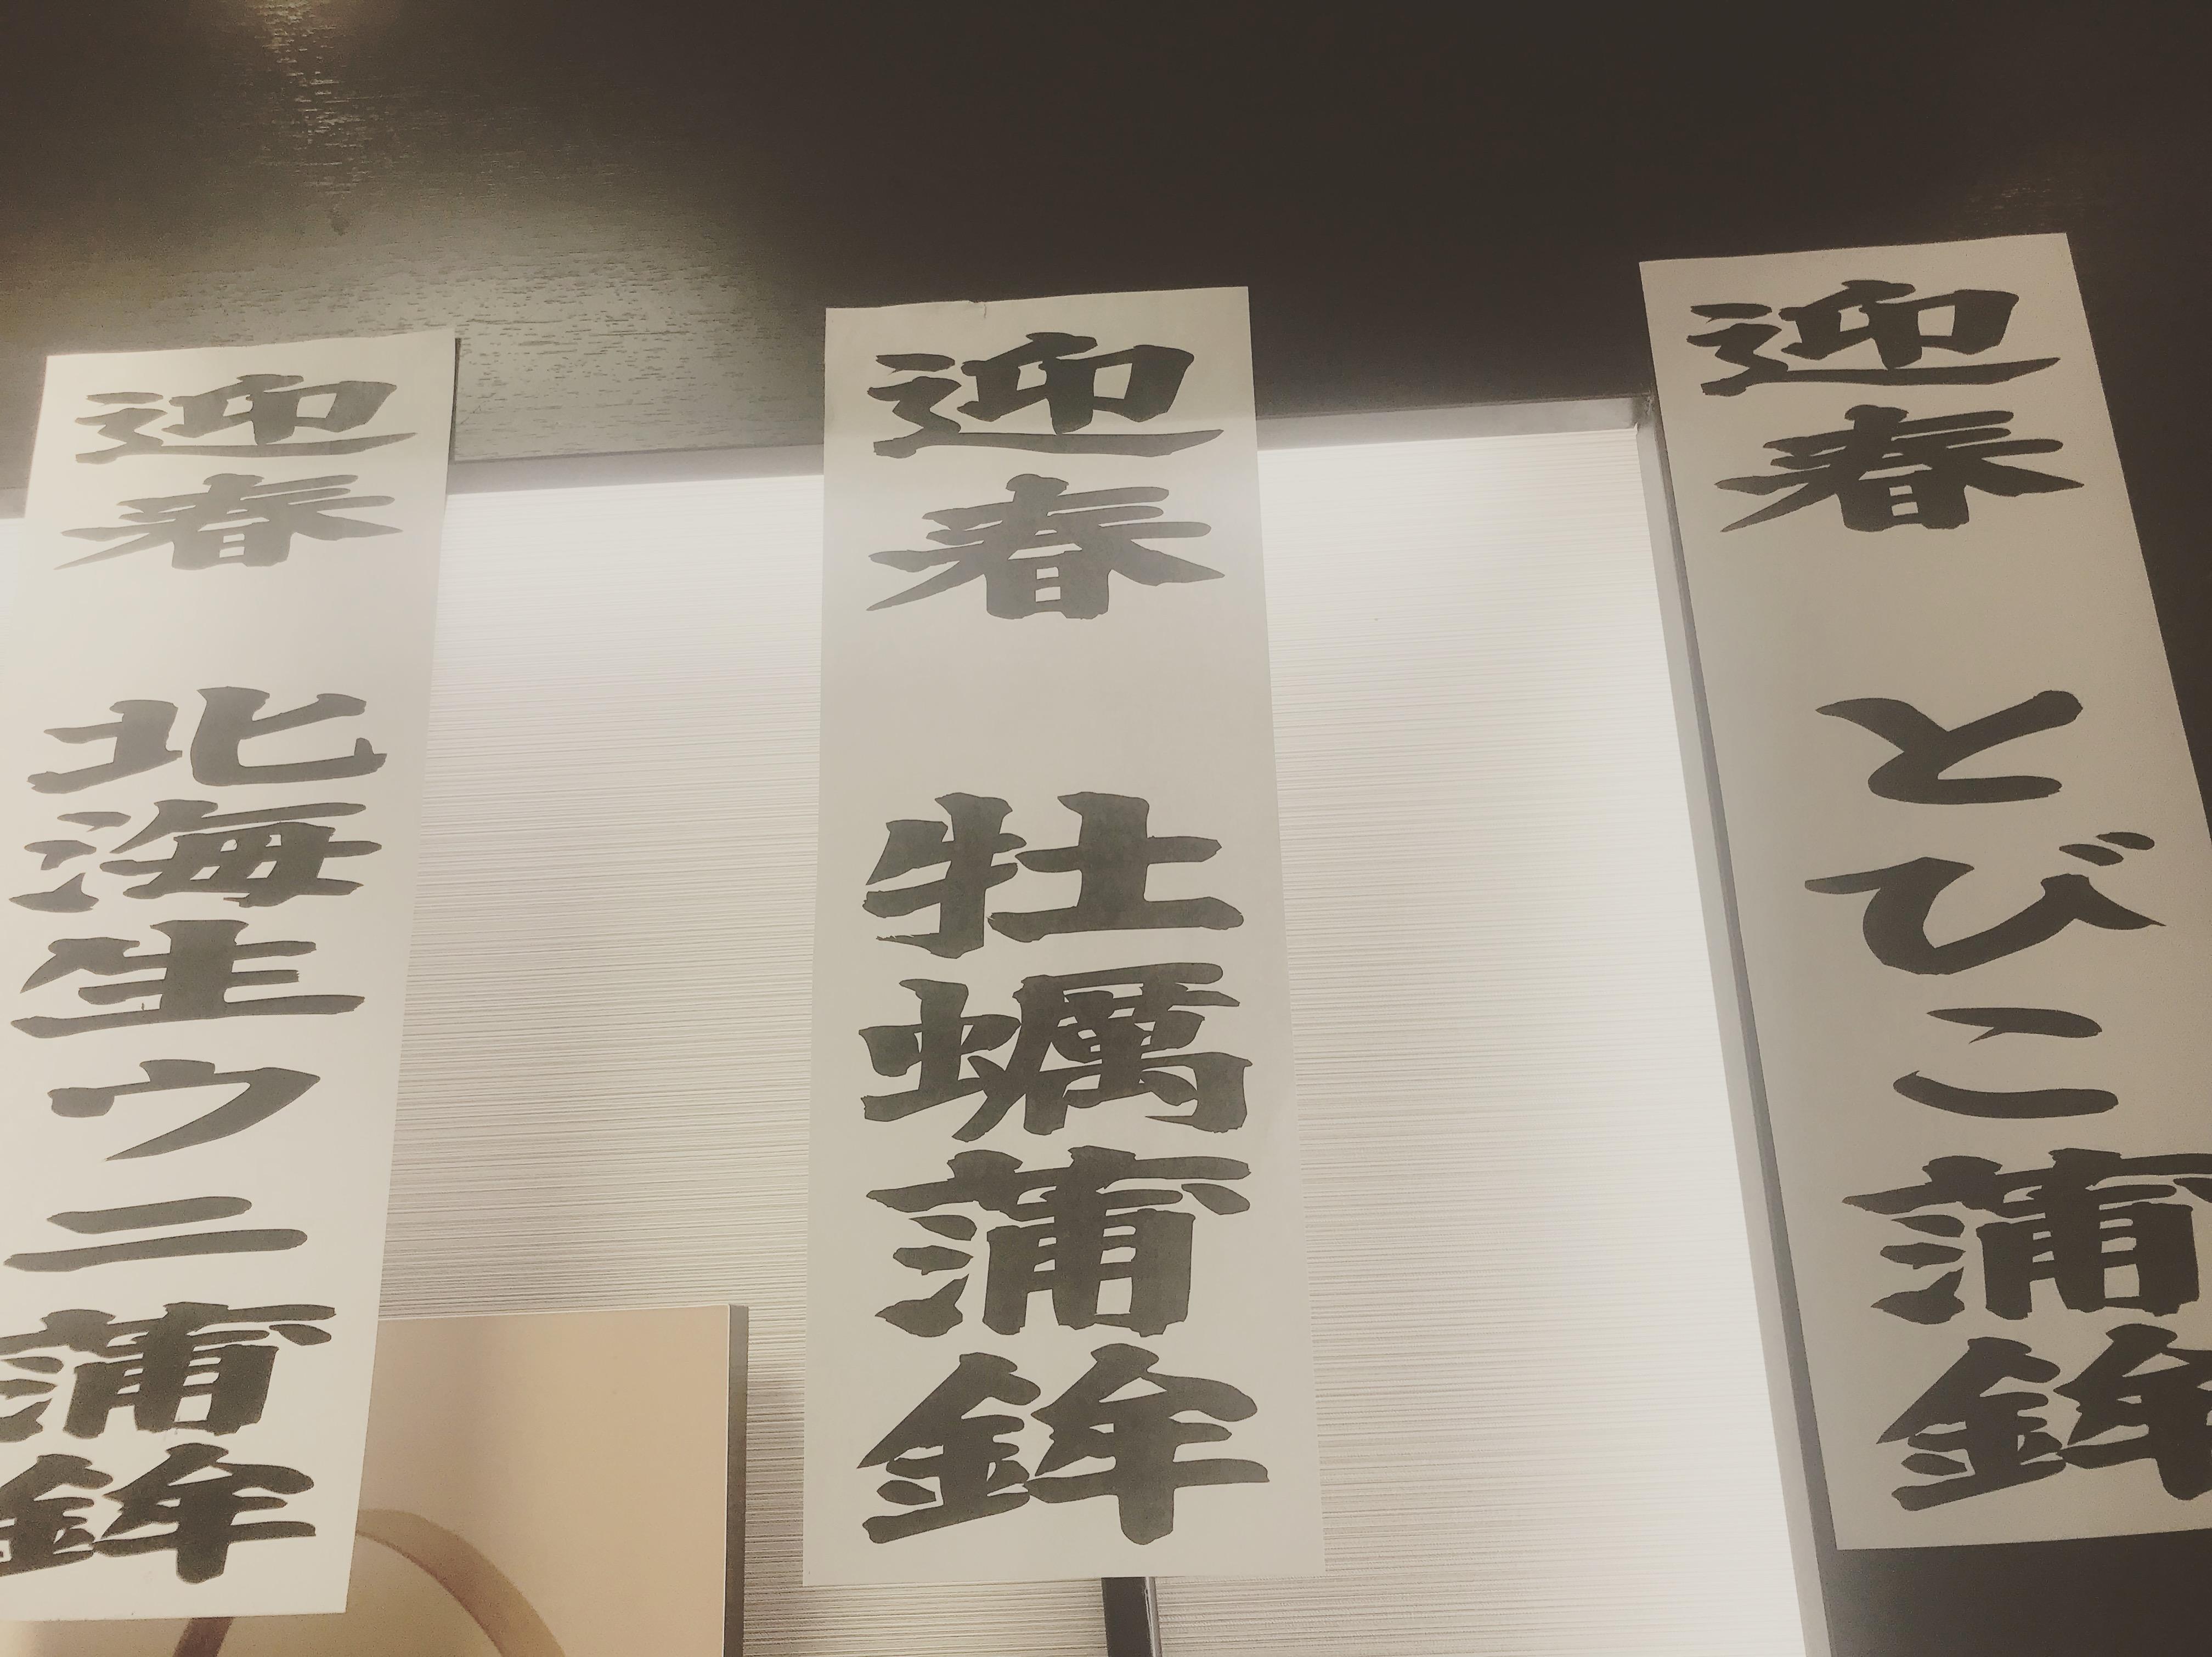 広島の土産といえばこれ!